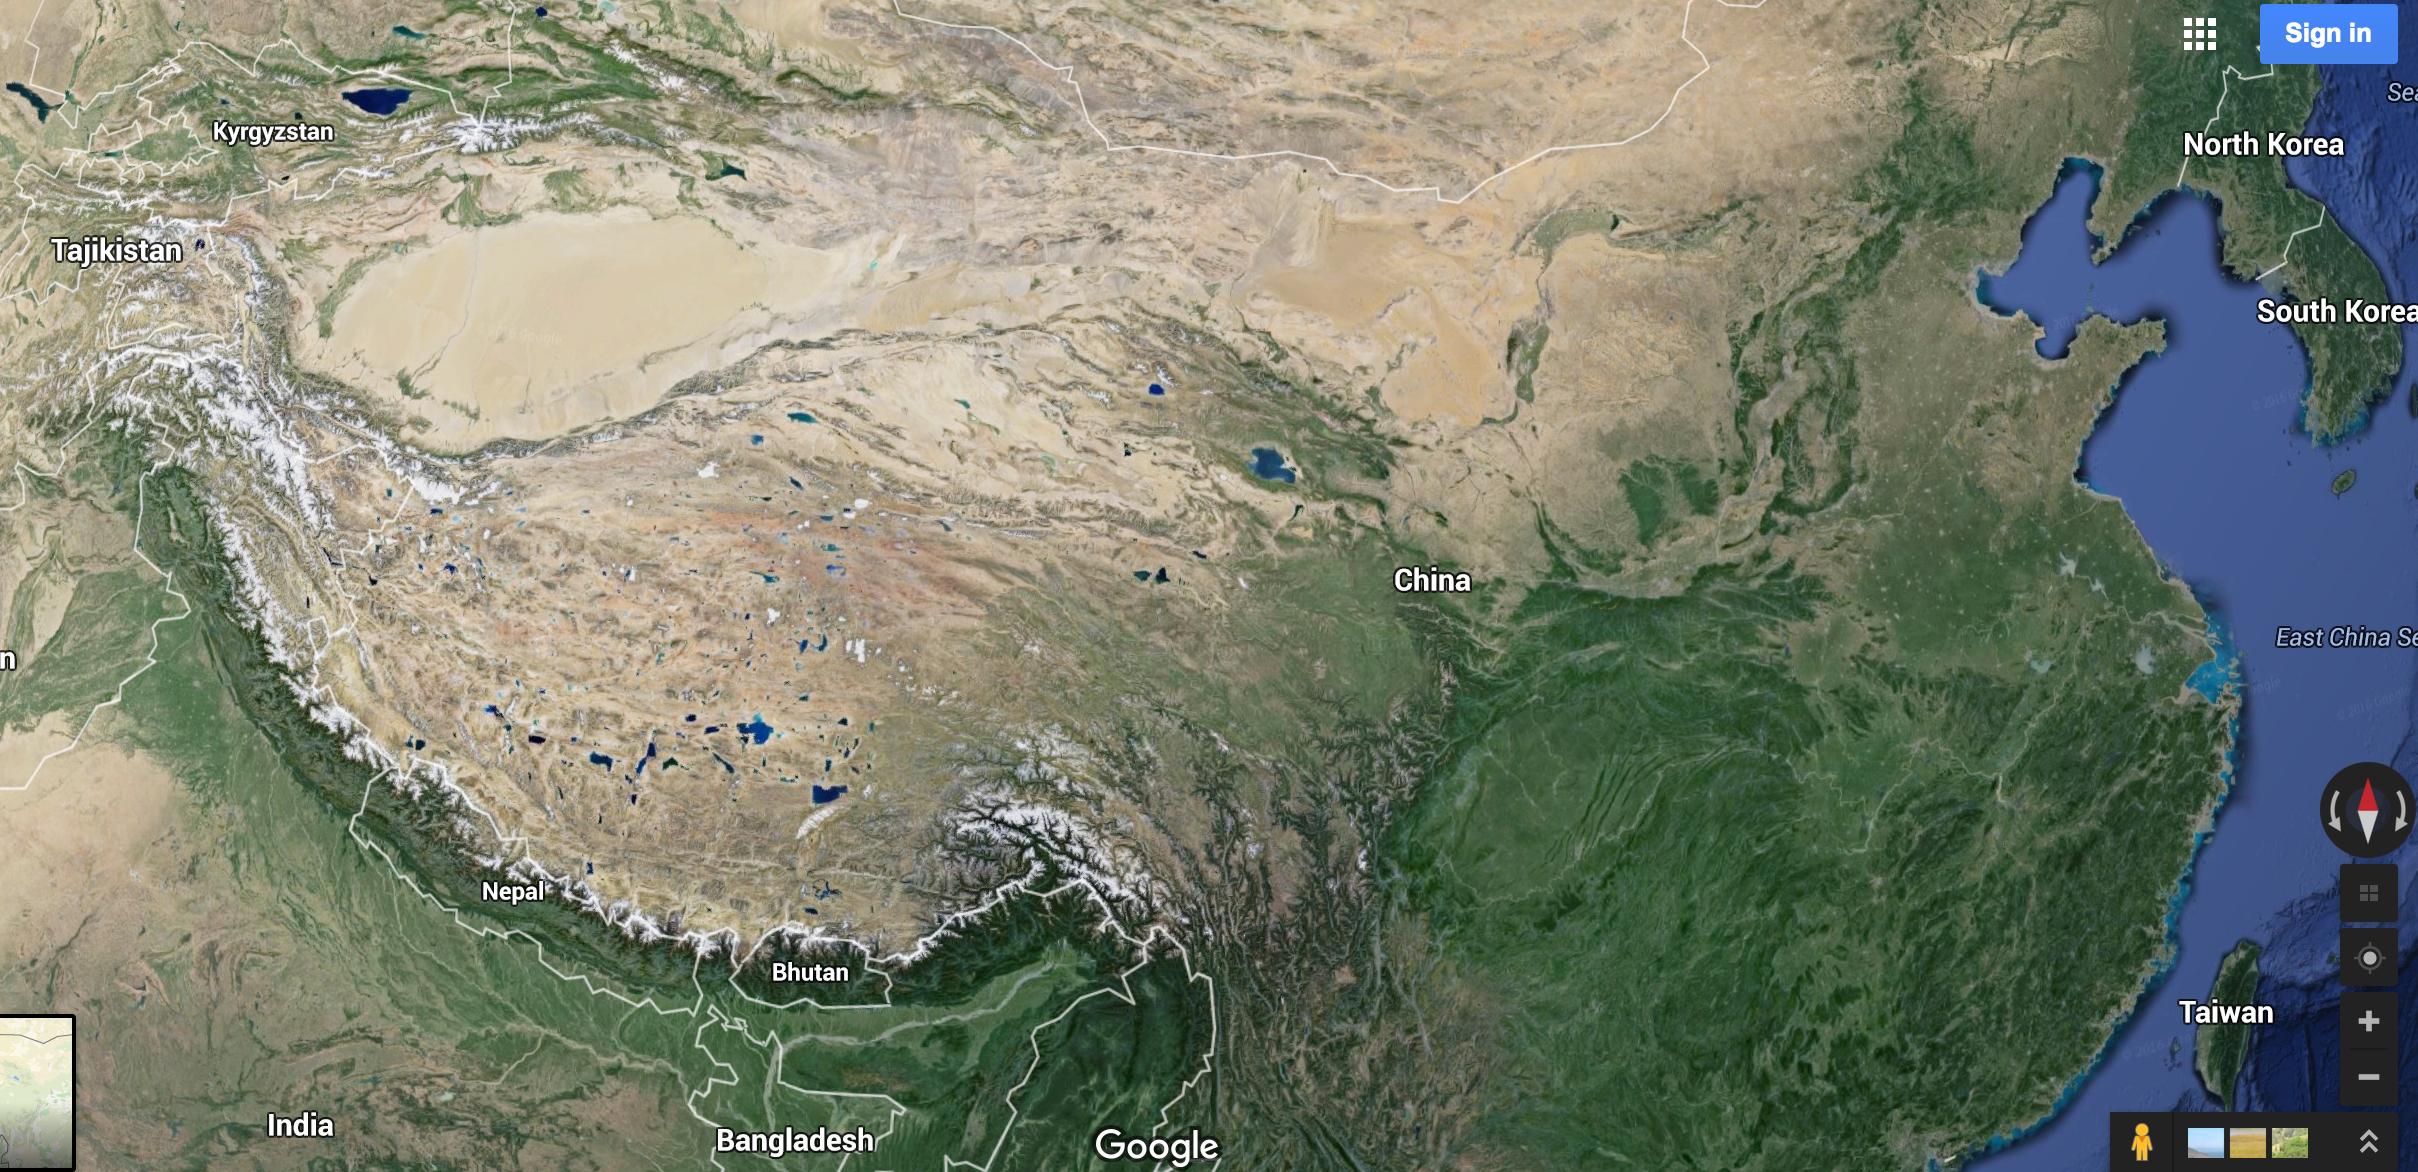 China screenshot